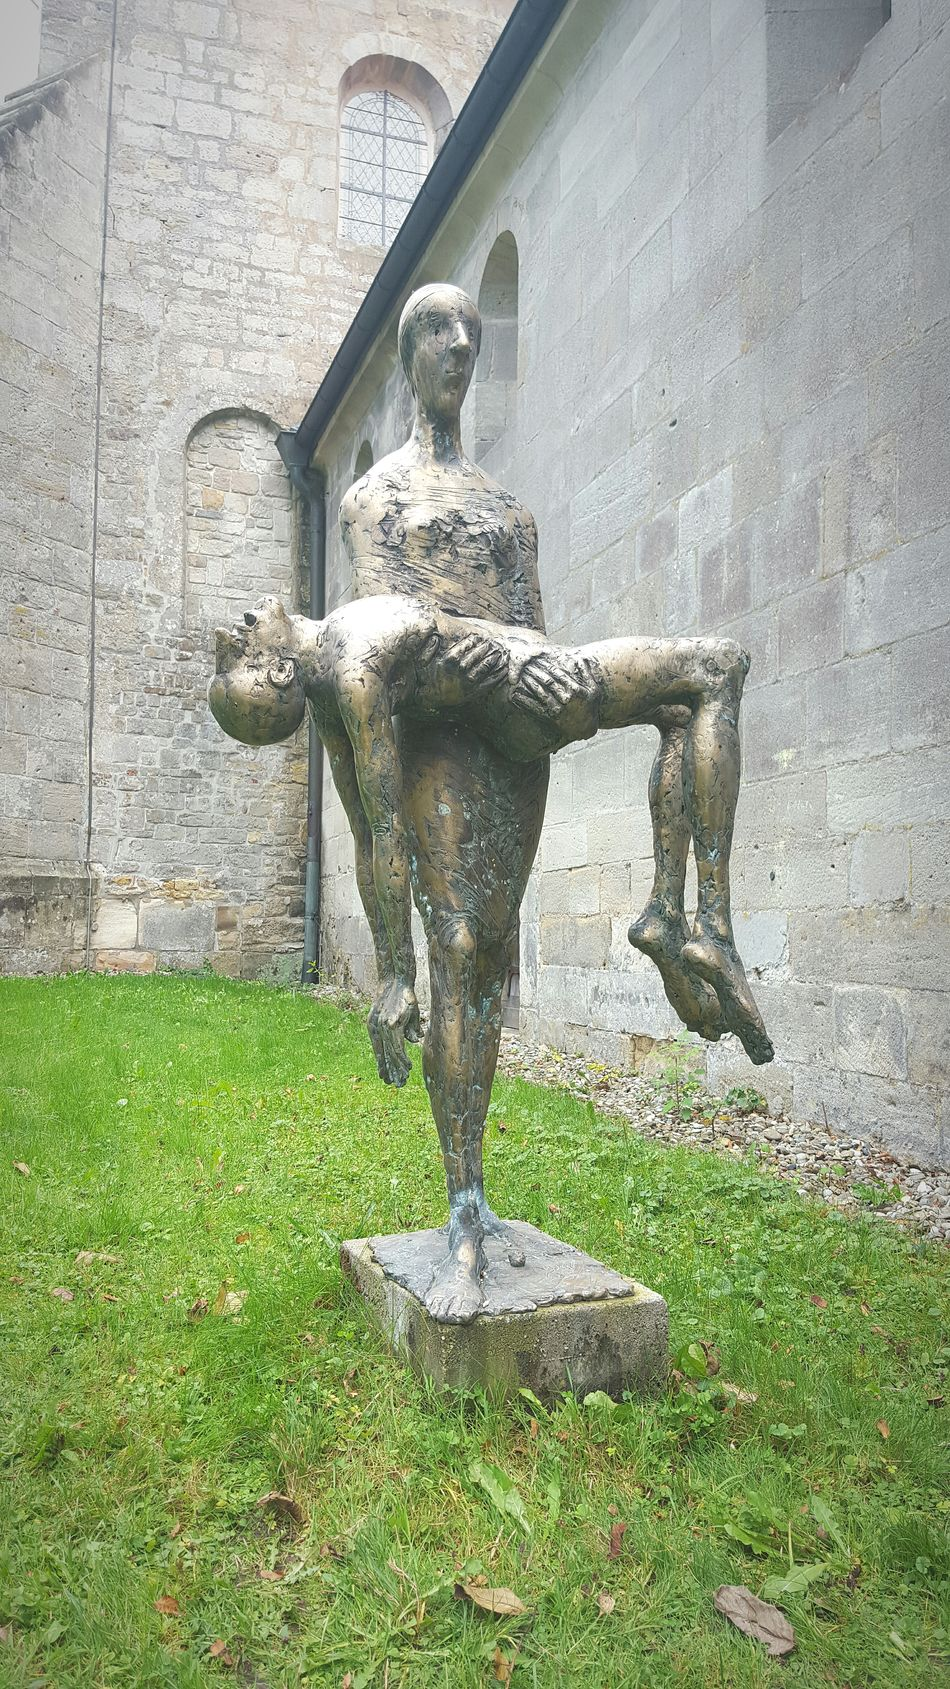 Ohne Worte Stilleben Kunstwerk Kunst Statue Gedankenbilder Ruhe Klostergarten